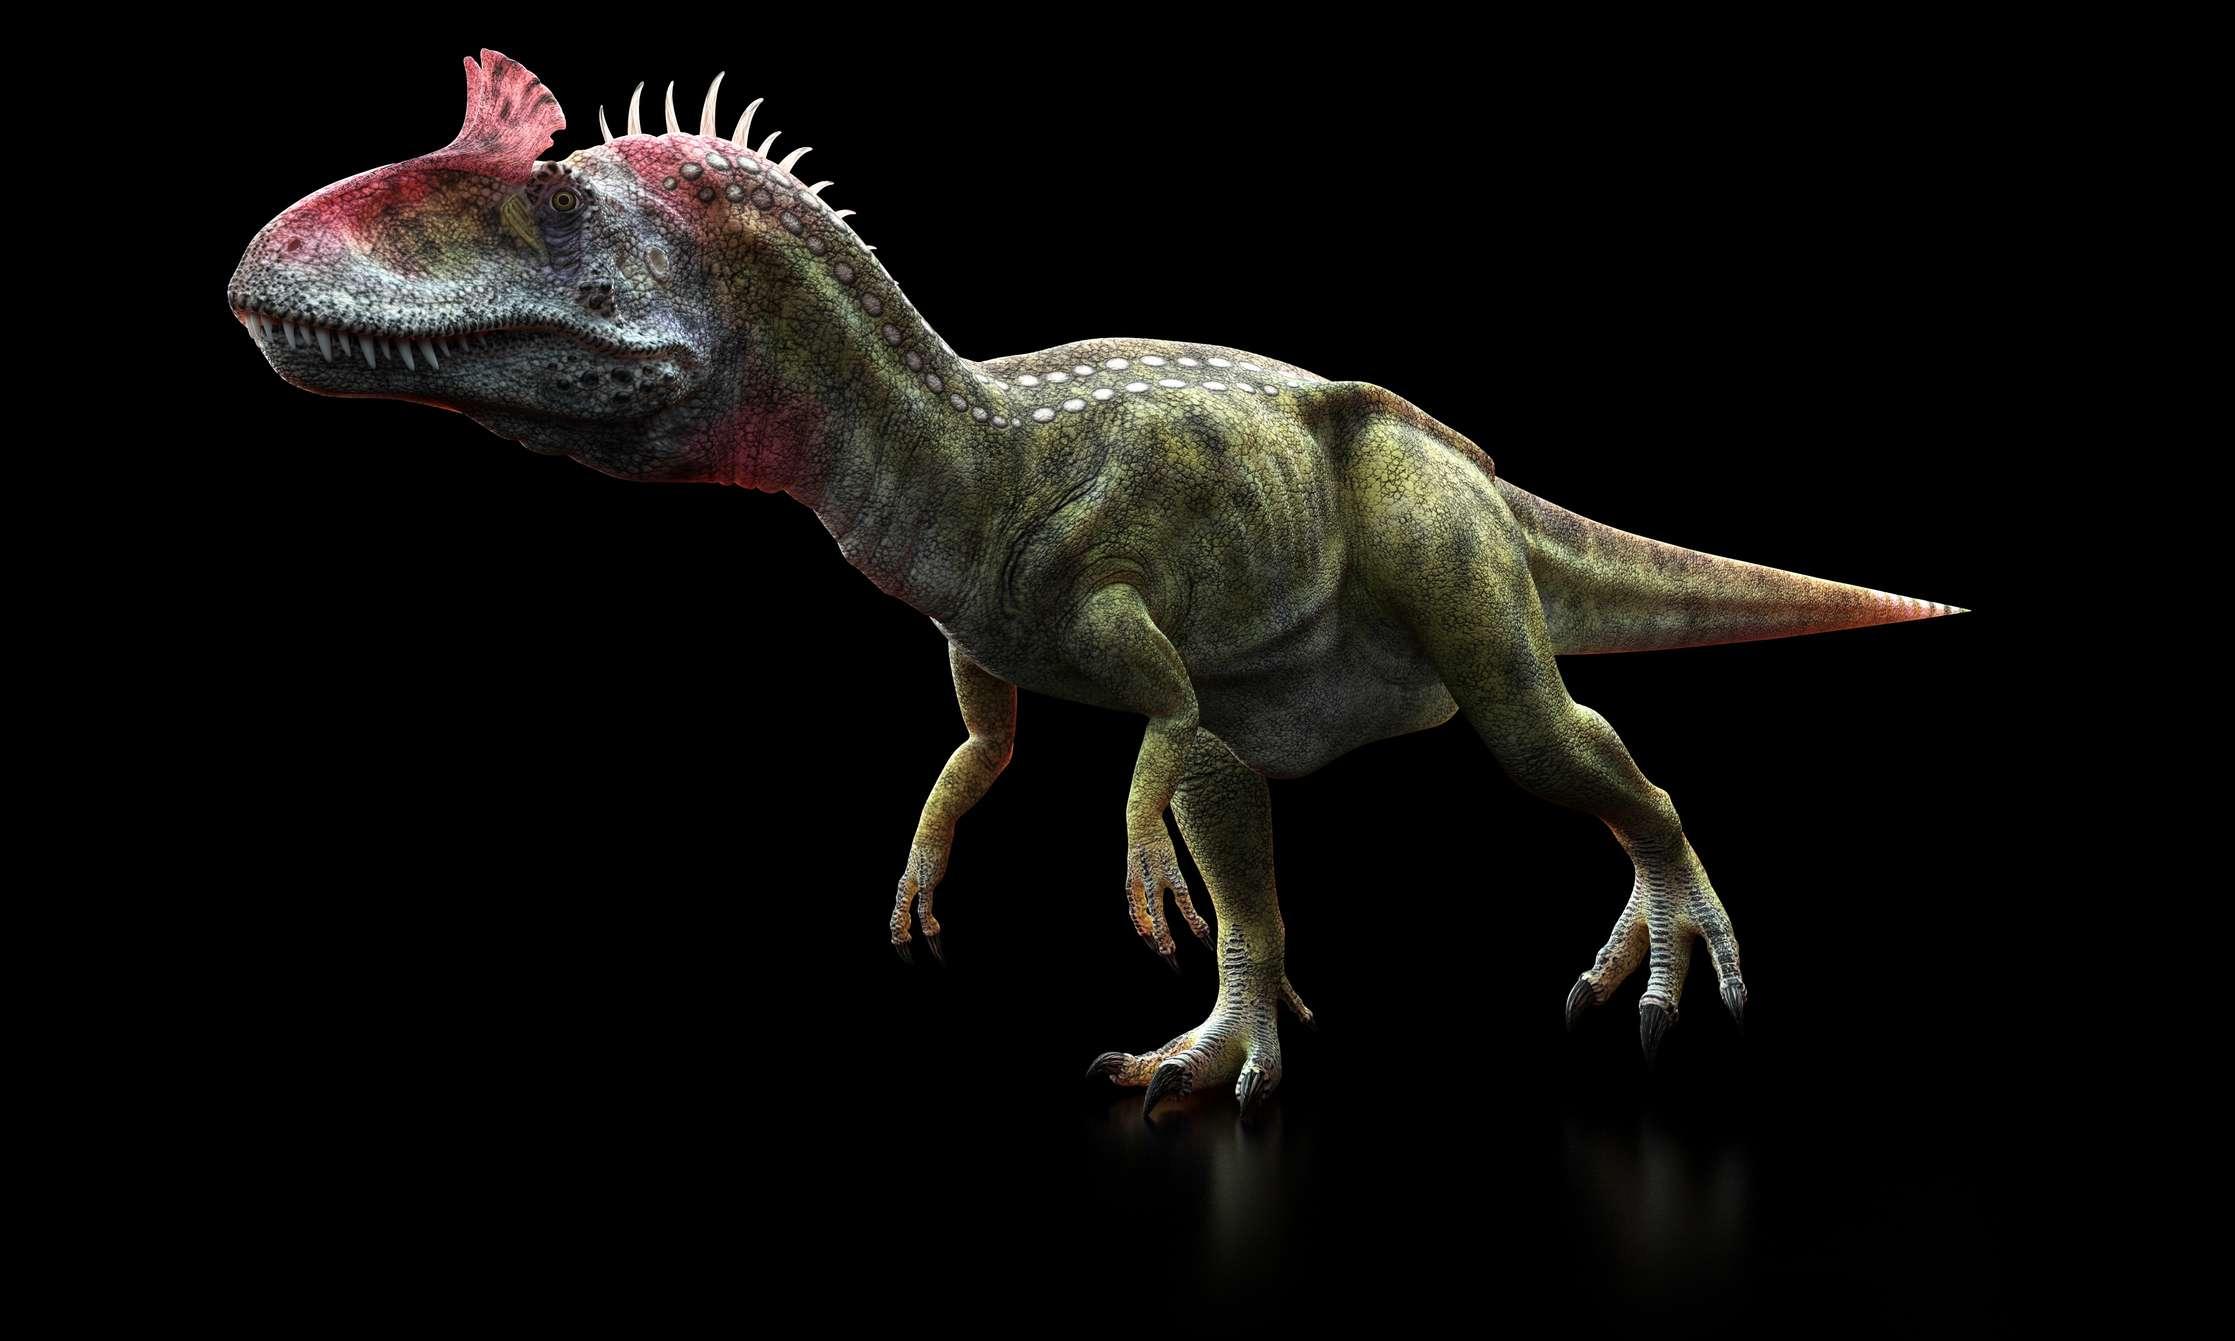 Cryolophosaurus illustration